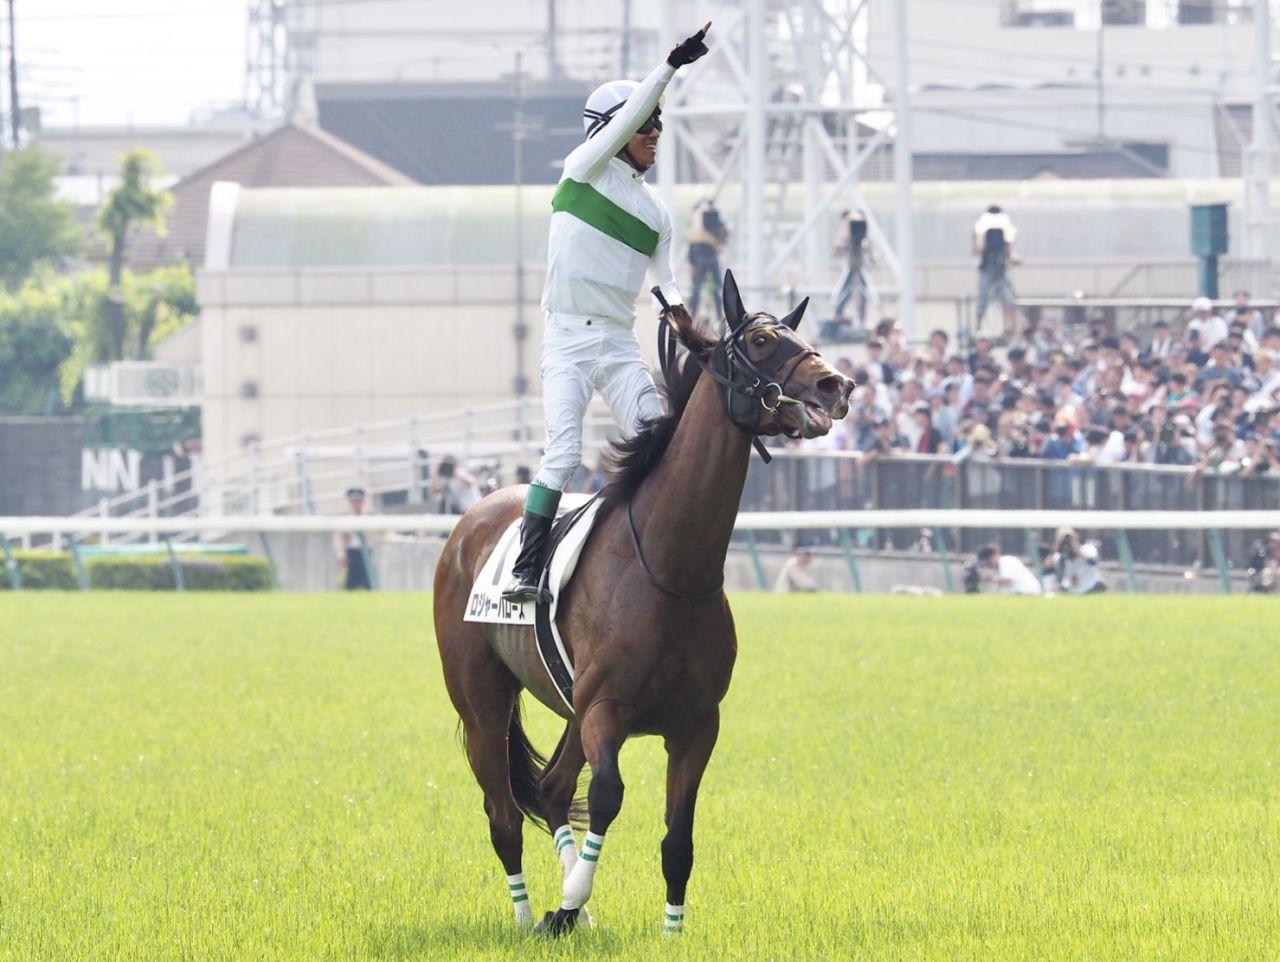 藤田菜七子が出場!2019ワールドオールスタージョッキーズ(WASJ)の出場騎手決定!